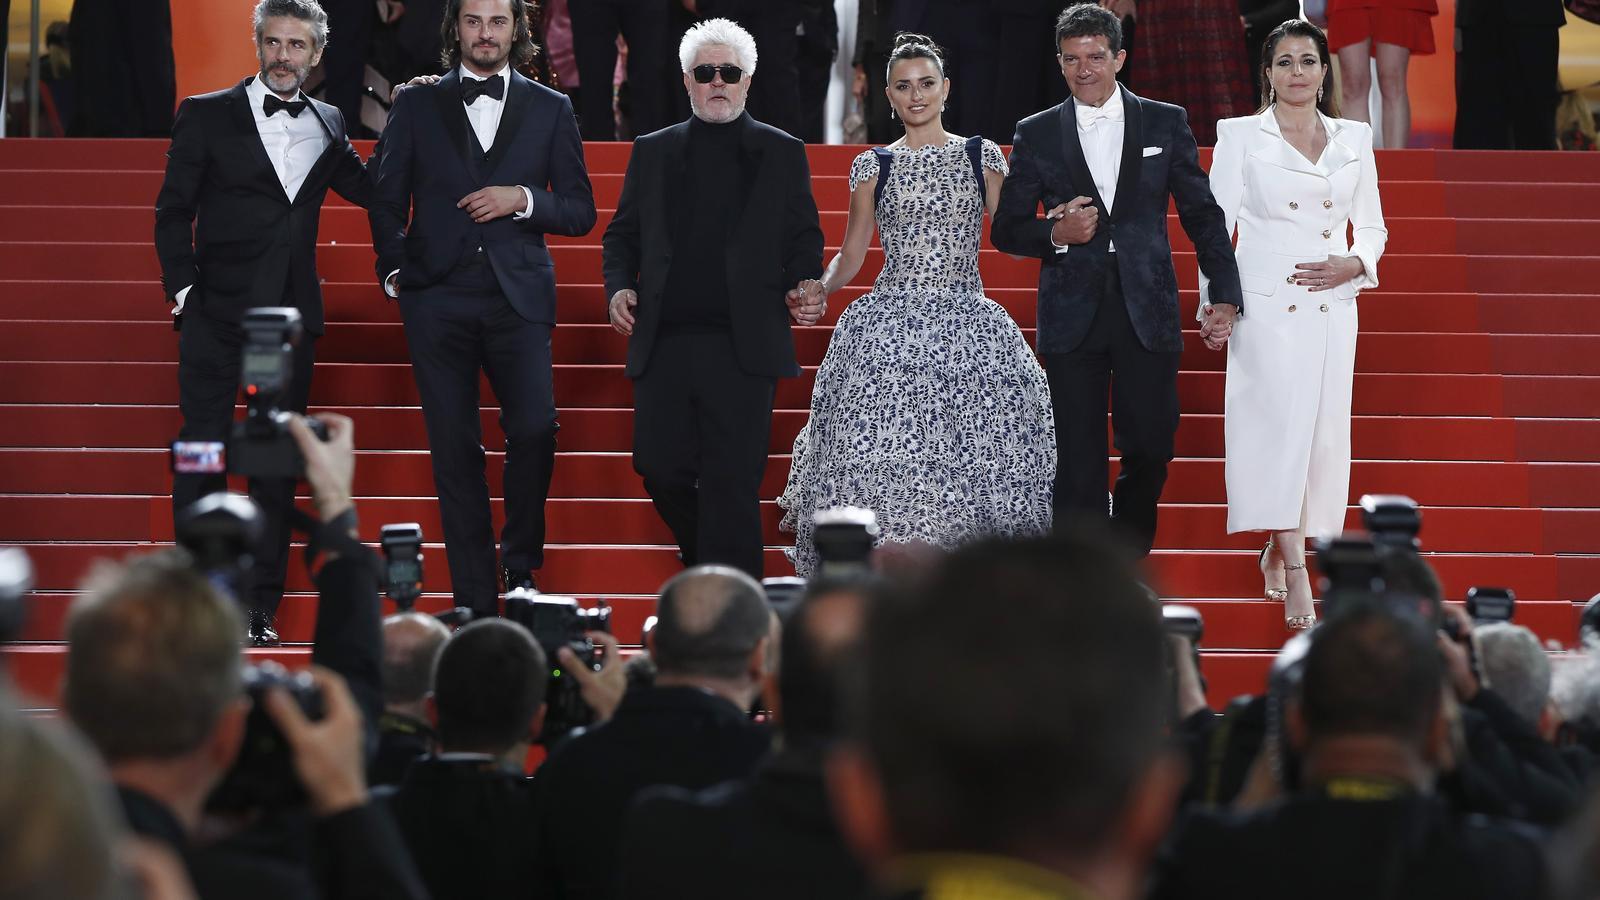 Pedro Almodóvar a la gala de 'Dolor y gloria' al festival de Canes, amb Leonardo Sbaraglia, Asier Etxeandía, Penélope Cruz i Antonio Banderas